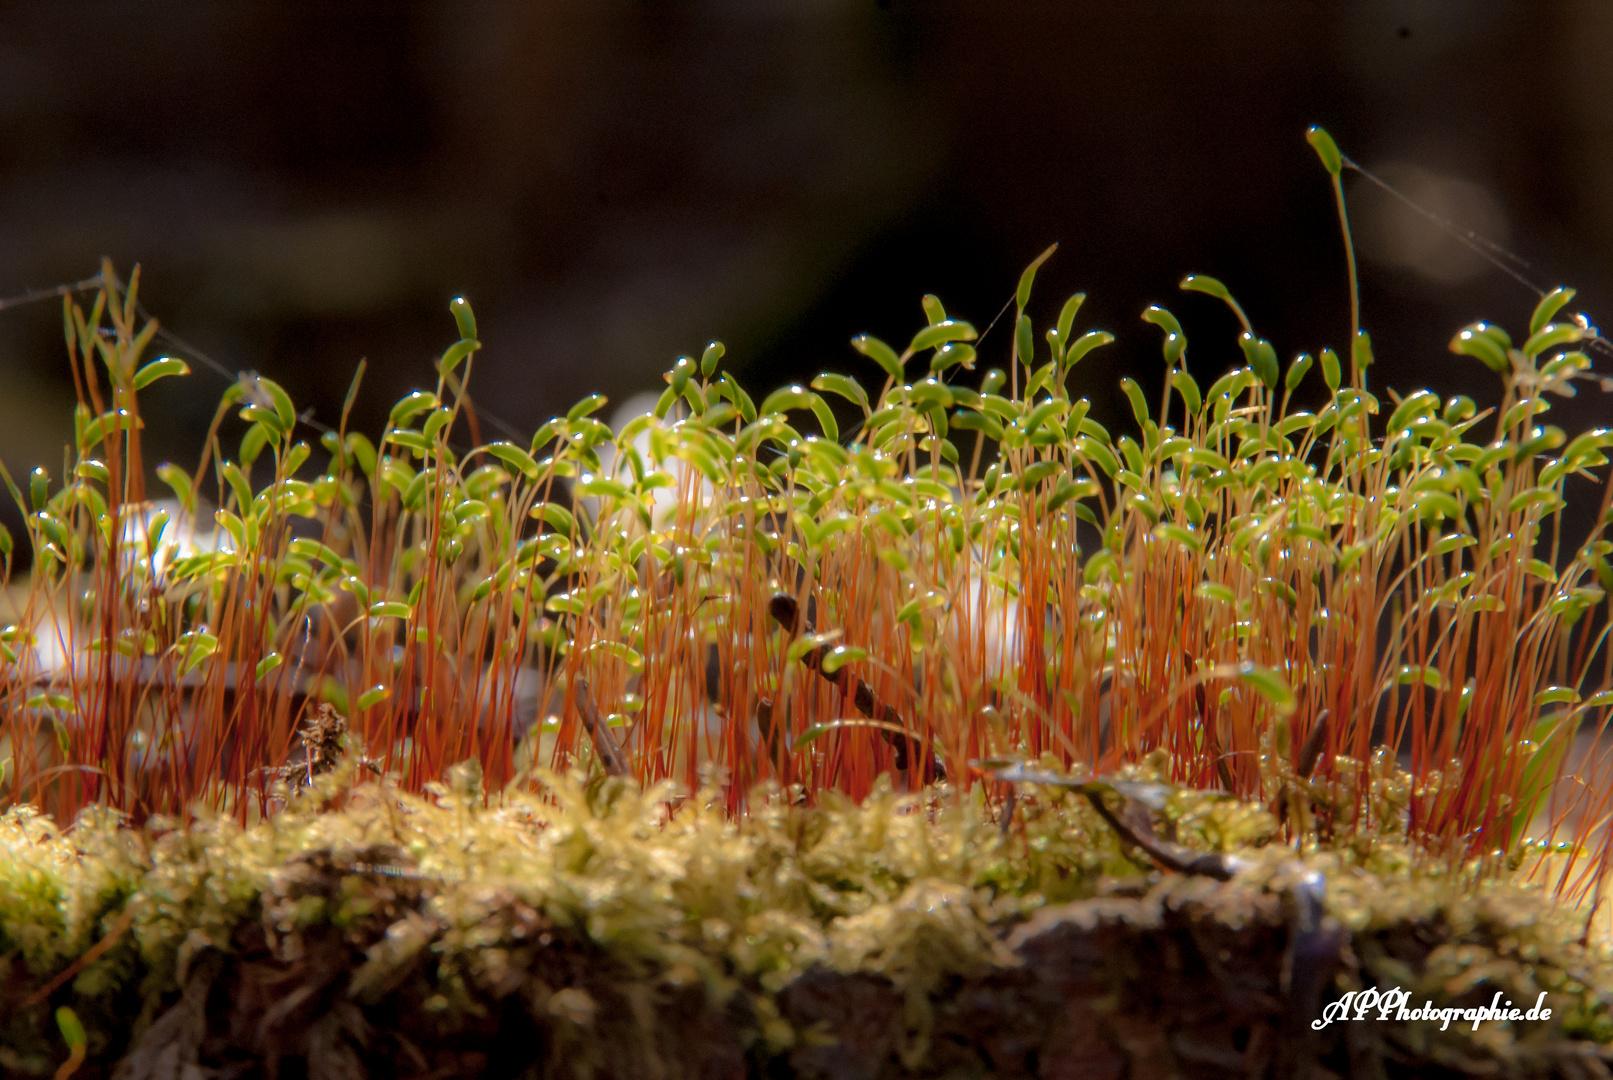 Wald aus Moos